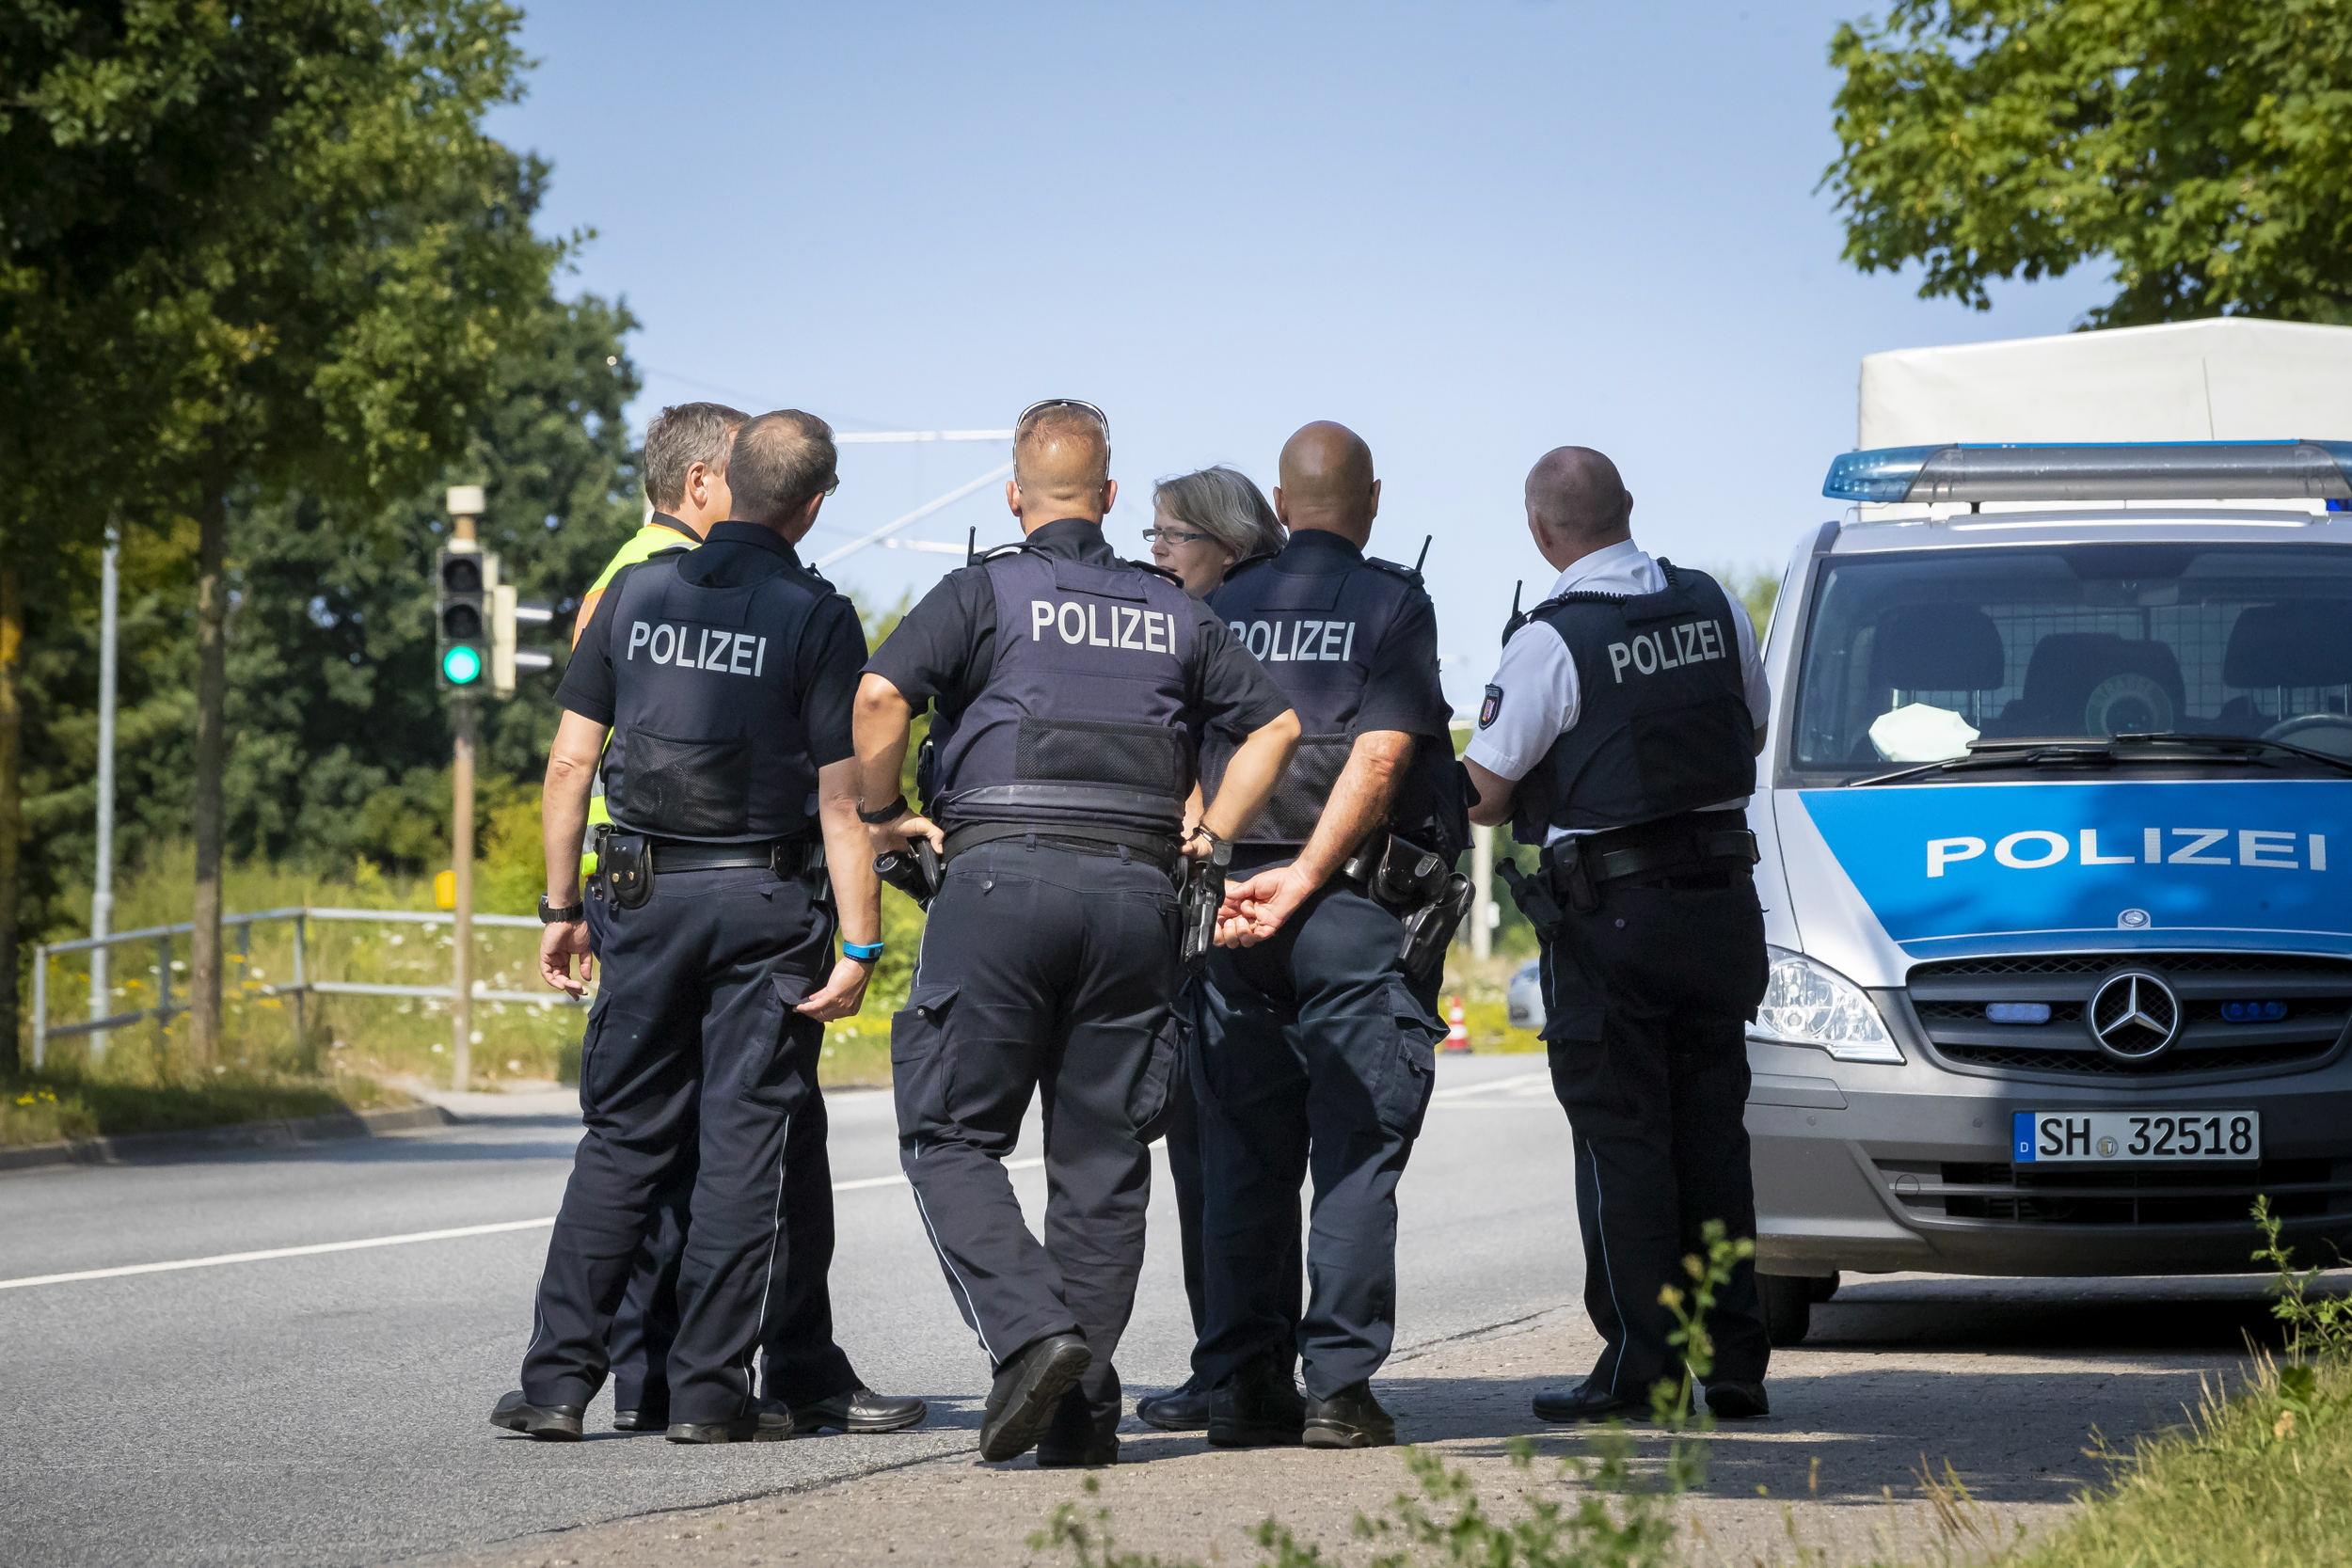 Devetoro ozlijeđenih u napadu nožem u Luebecku